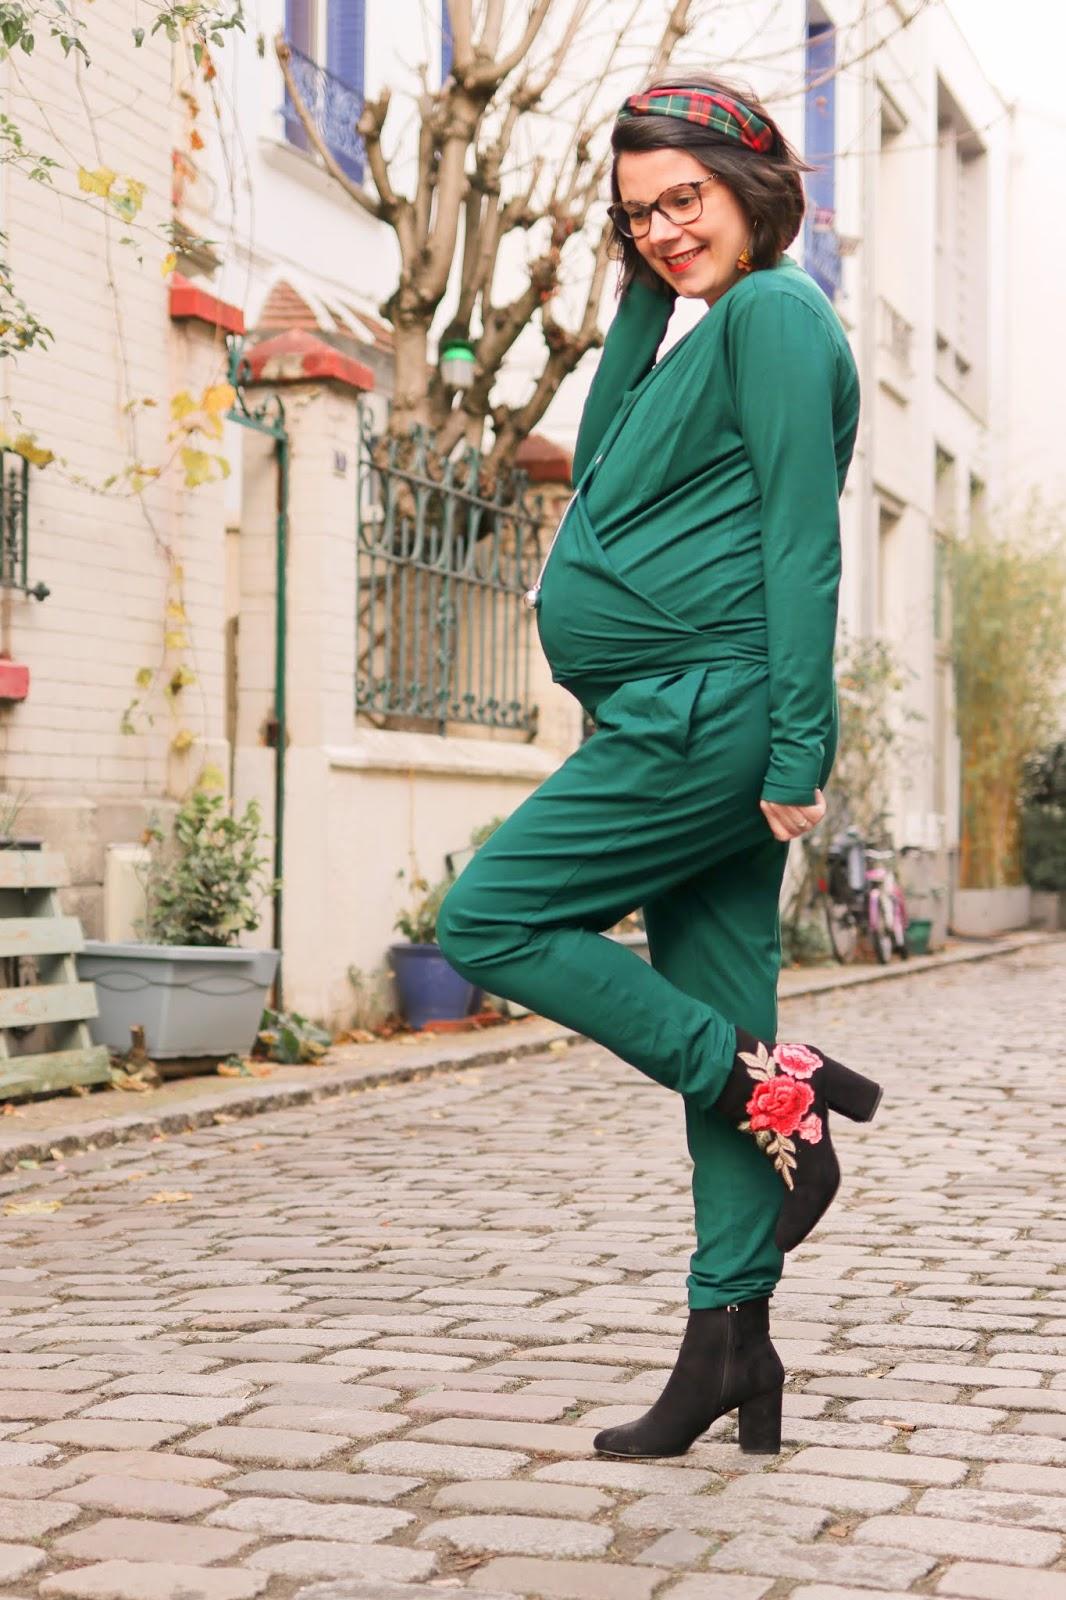 vêtement de grossesse enceinte madeleine et marie collection capsule camaieu combinaison pantalon petite avis comment les gommettes de melo philomene and co serre tête bola ilado paris